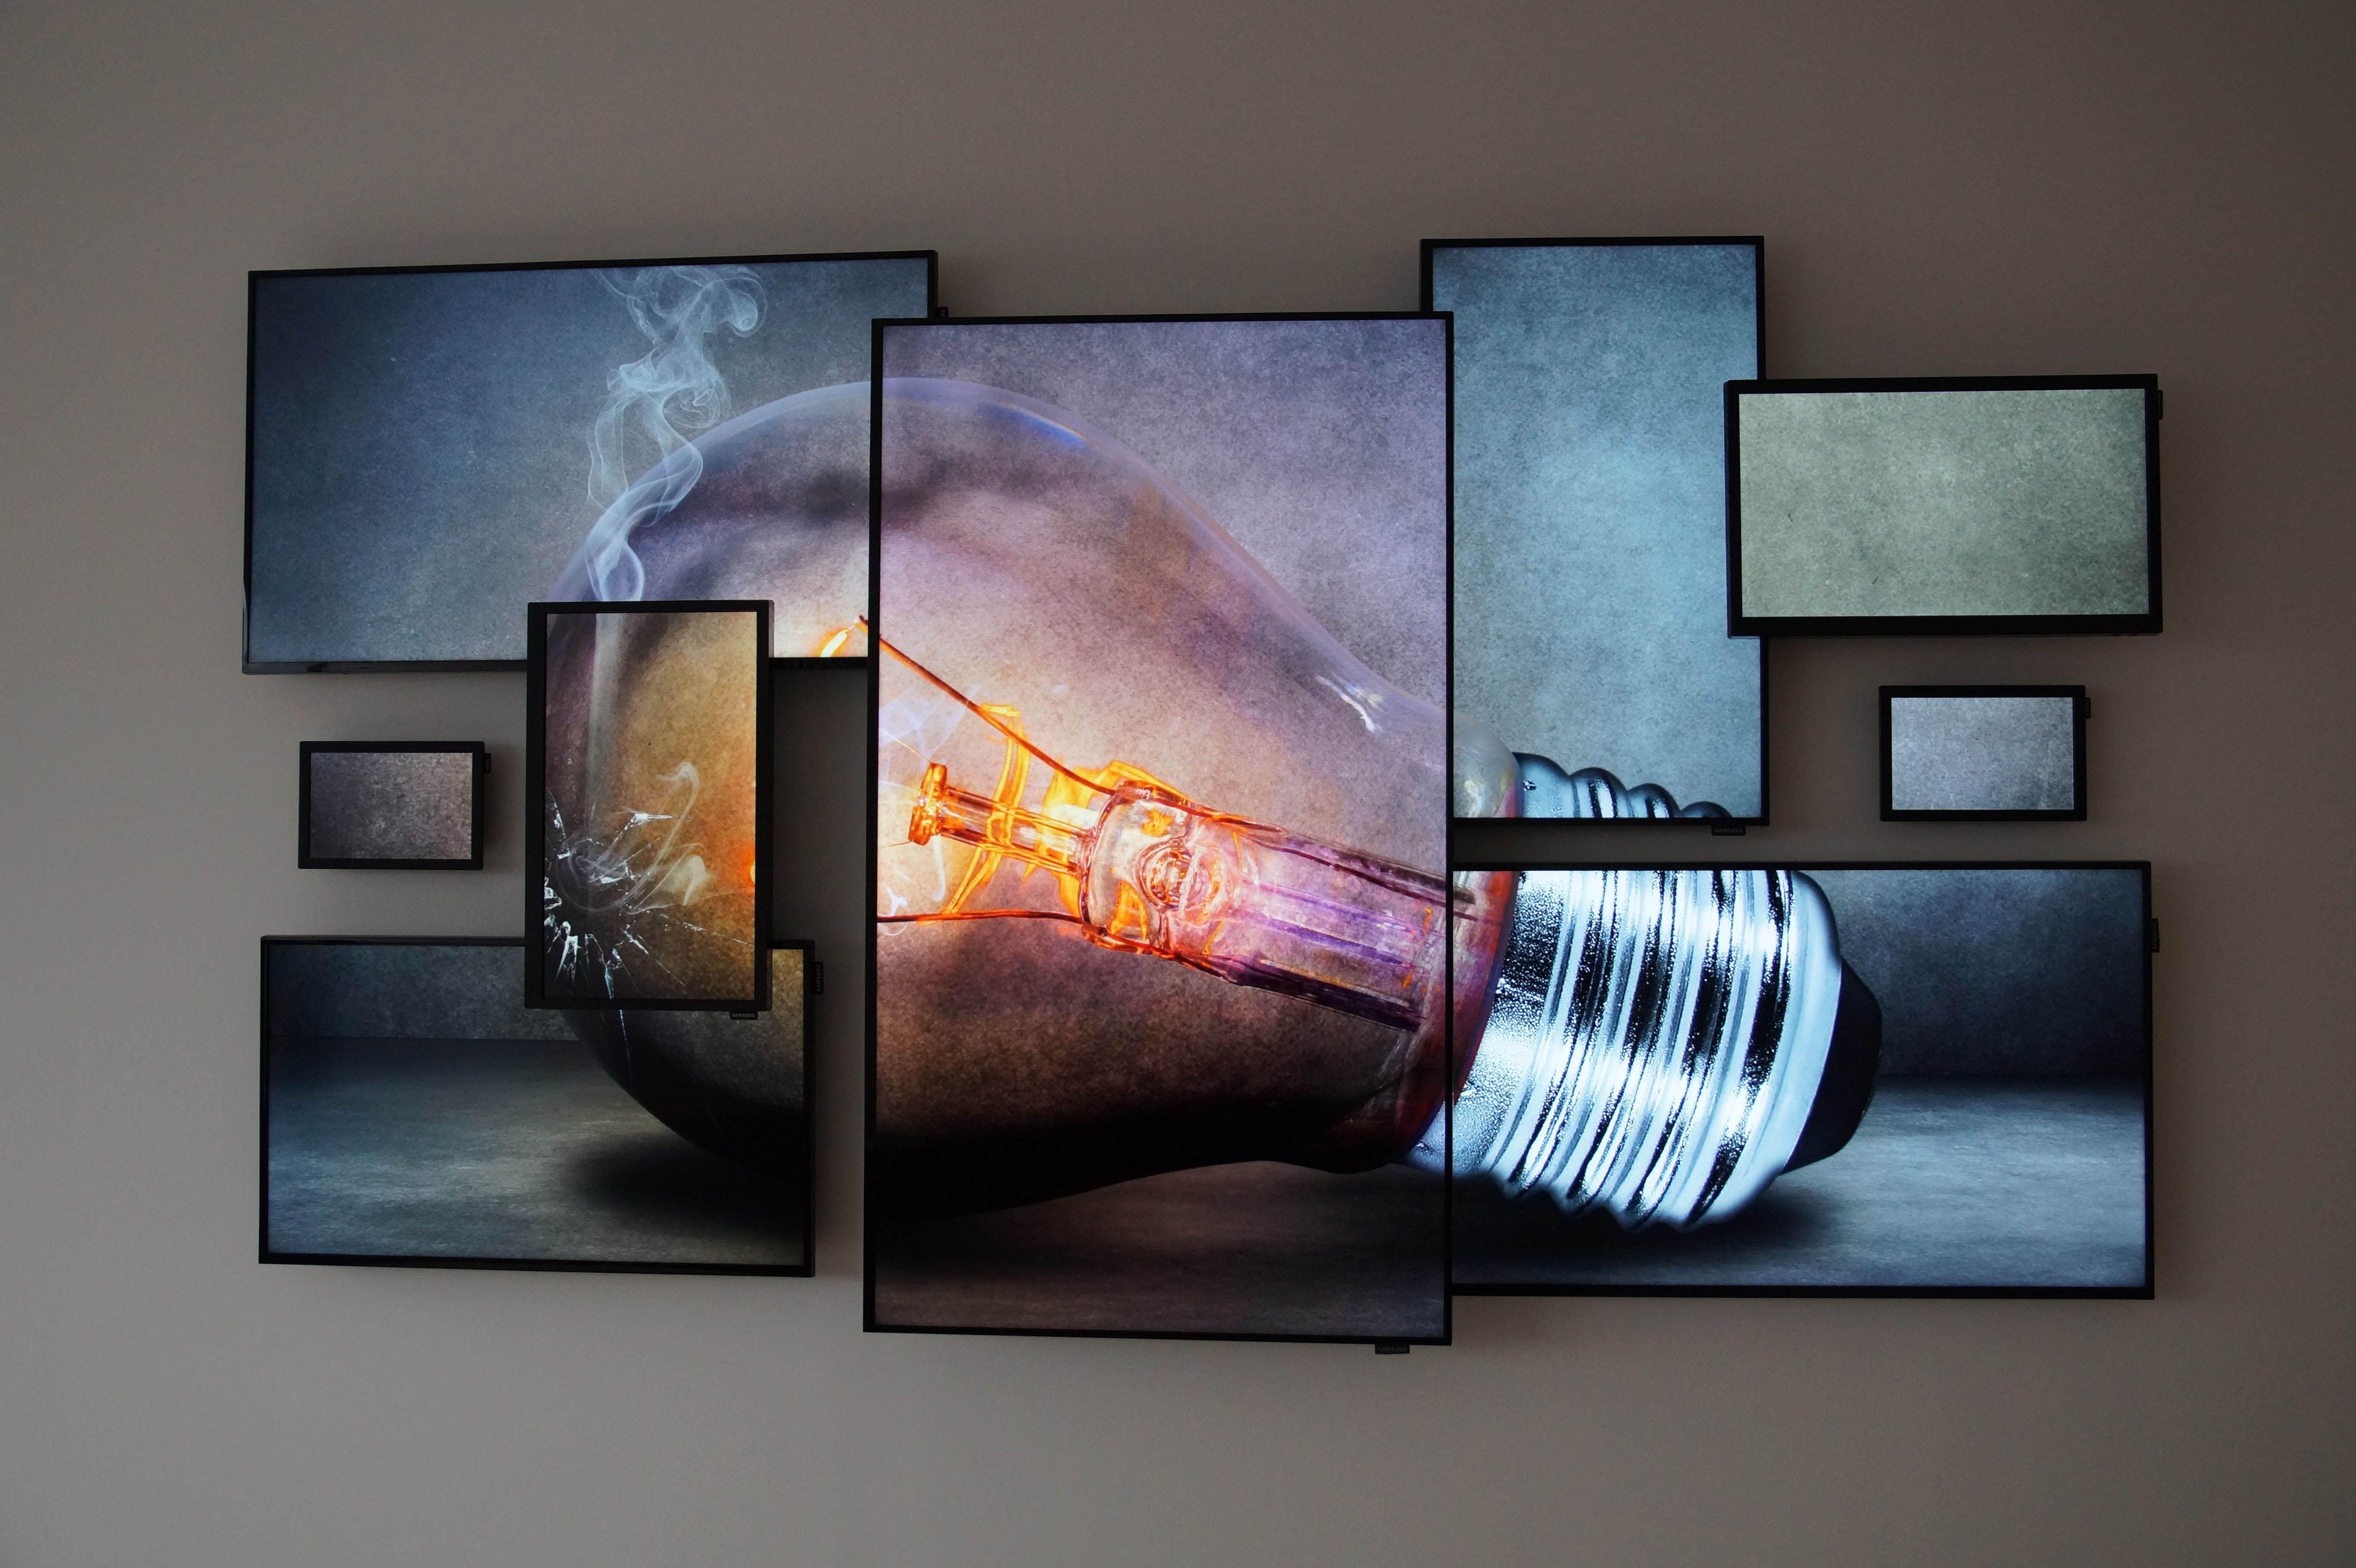 Digital Signage - Logando Samsung Art Wall